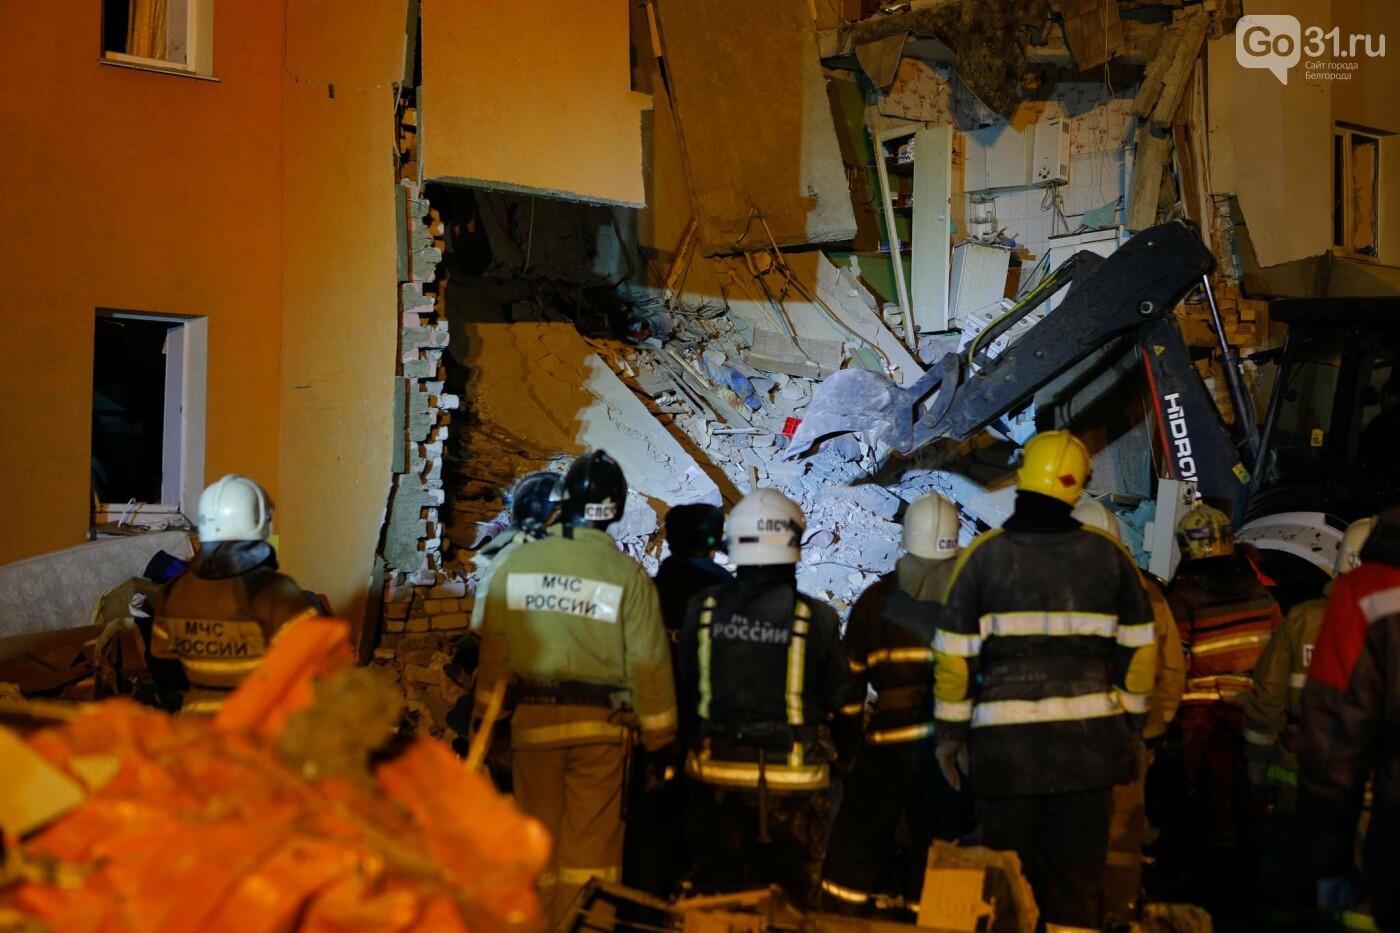 Под завалами разрушенного дома в Белгородской области нашли погибшего. Пострадали еще 6 человек (ФОТО И ПОДРОБНОСТИ), фото-13